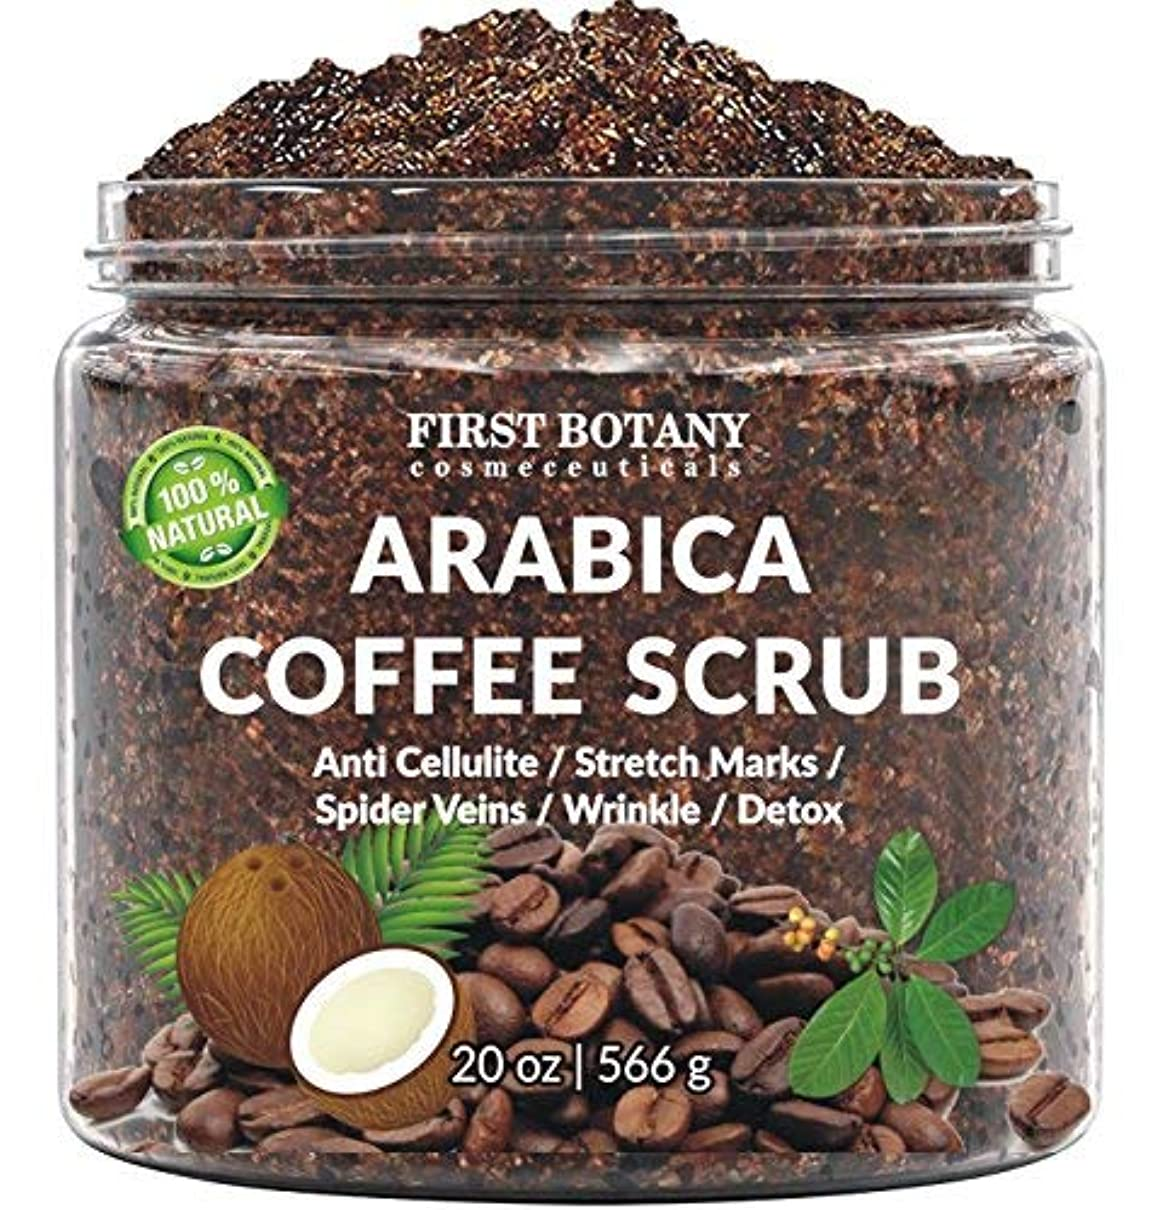 挽くタイトルほとんどない100% ナチュラル アラビカ コーヒースクラブ with 有機コーヒー、ココナッツ、シアバター | ボディースクラブクリーム [海外直送品] (566グラム)